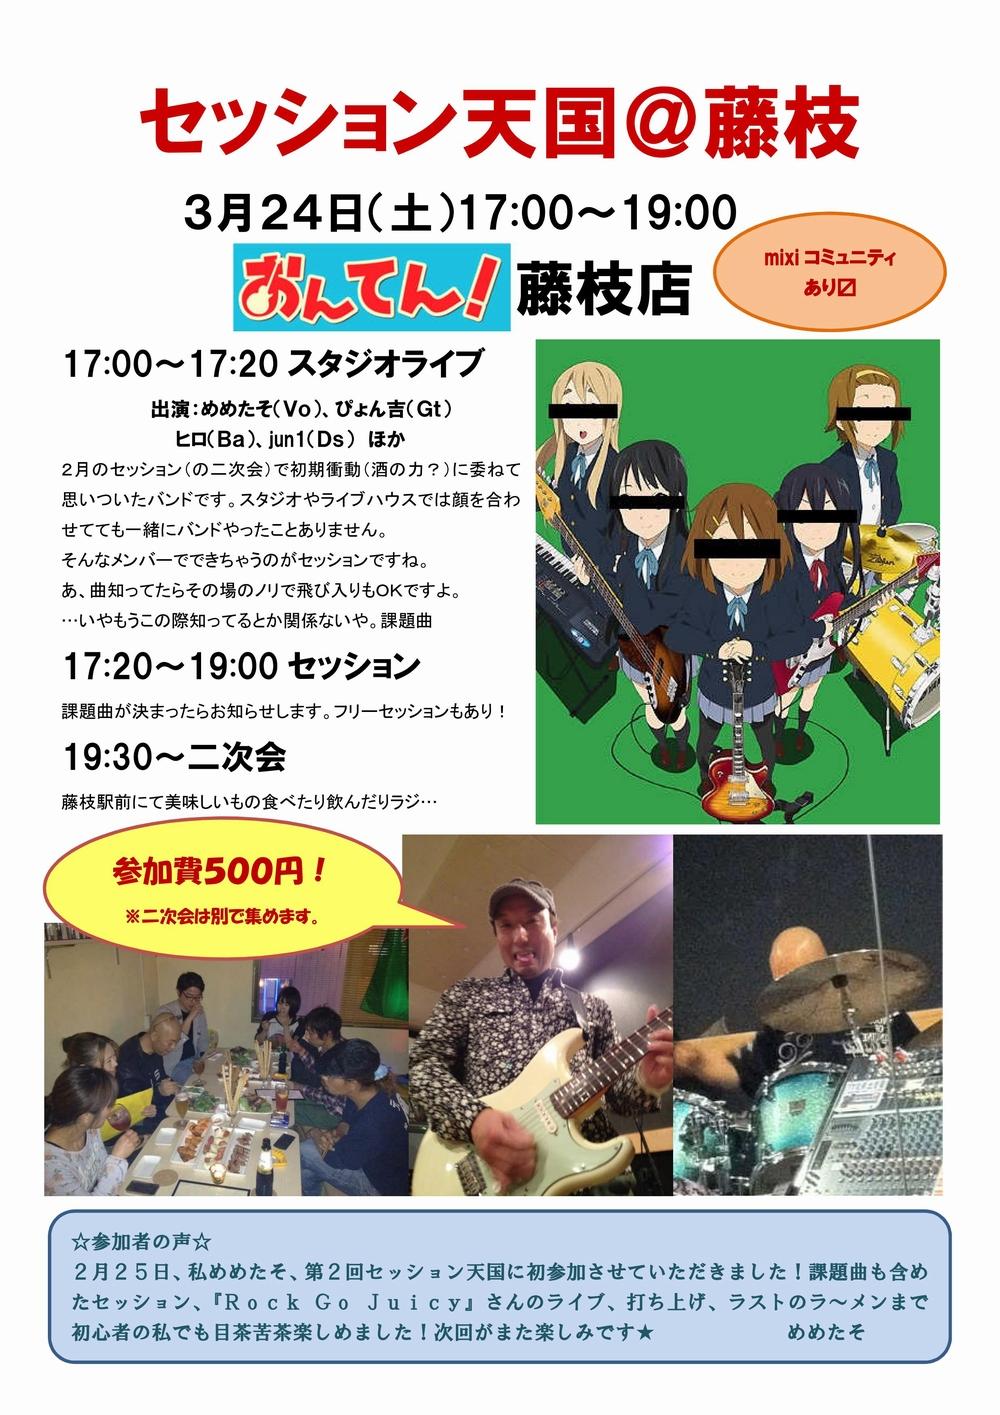 ライブ&セッション天国@藤枝店3月24日(土)開催!